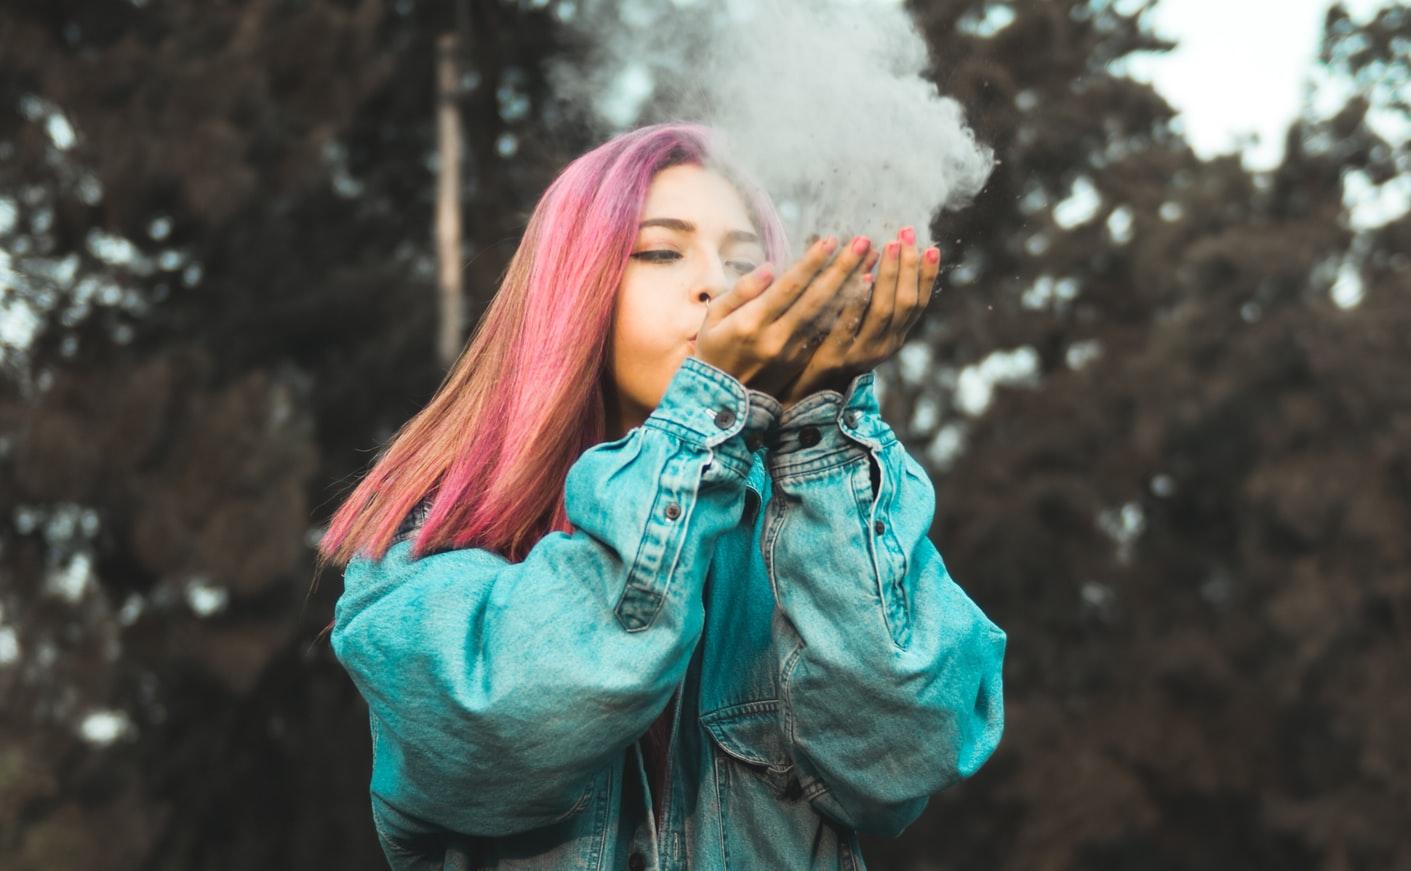 Τζιν μπουφάν ροζ μαλλιά